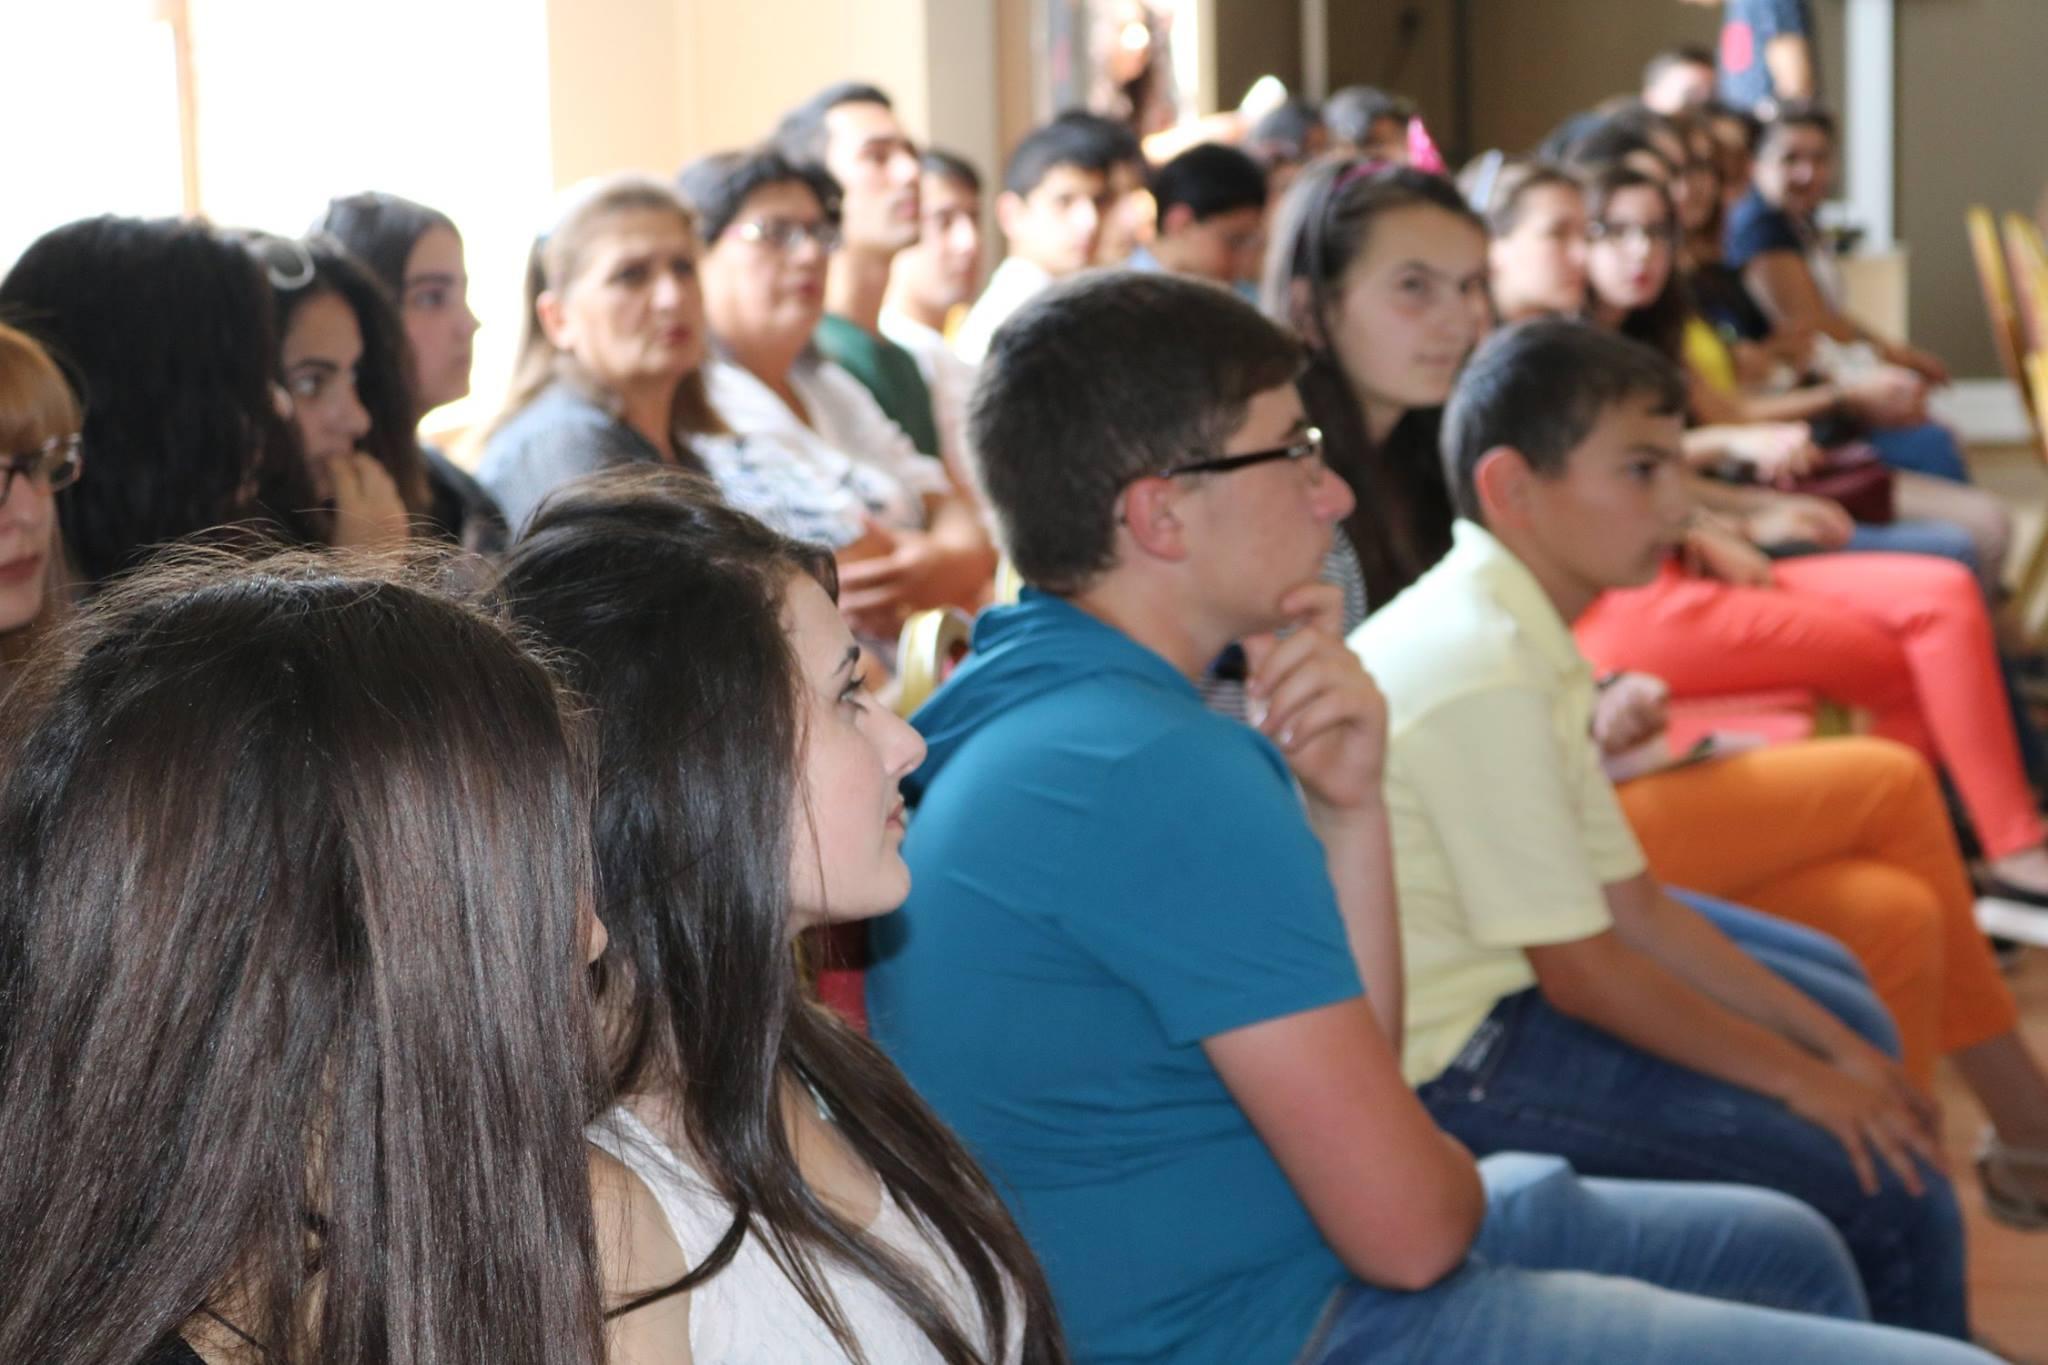 121 դպրոցական մասնակցել է Գյումրու տեխնոլոգիական կենտրոնի «Տեխնո ամառային դպրոցին»